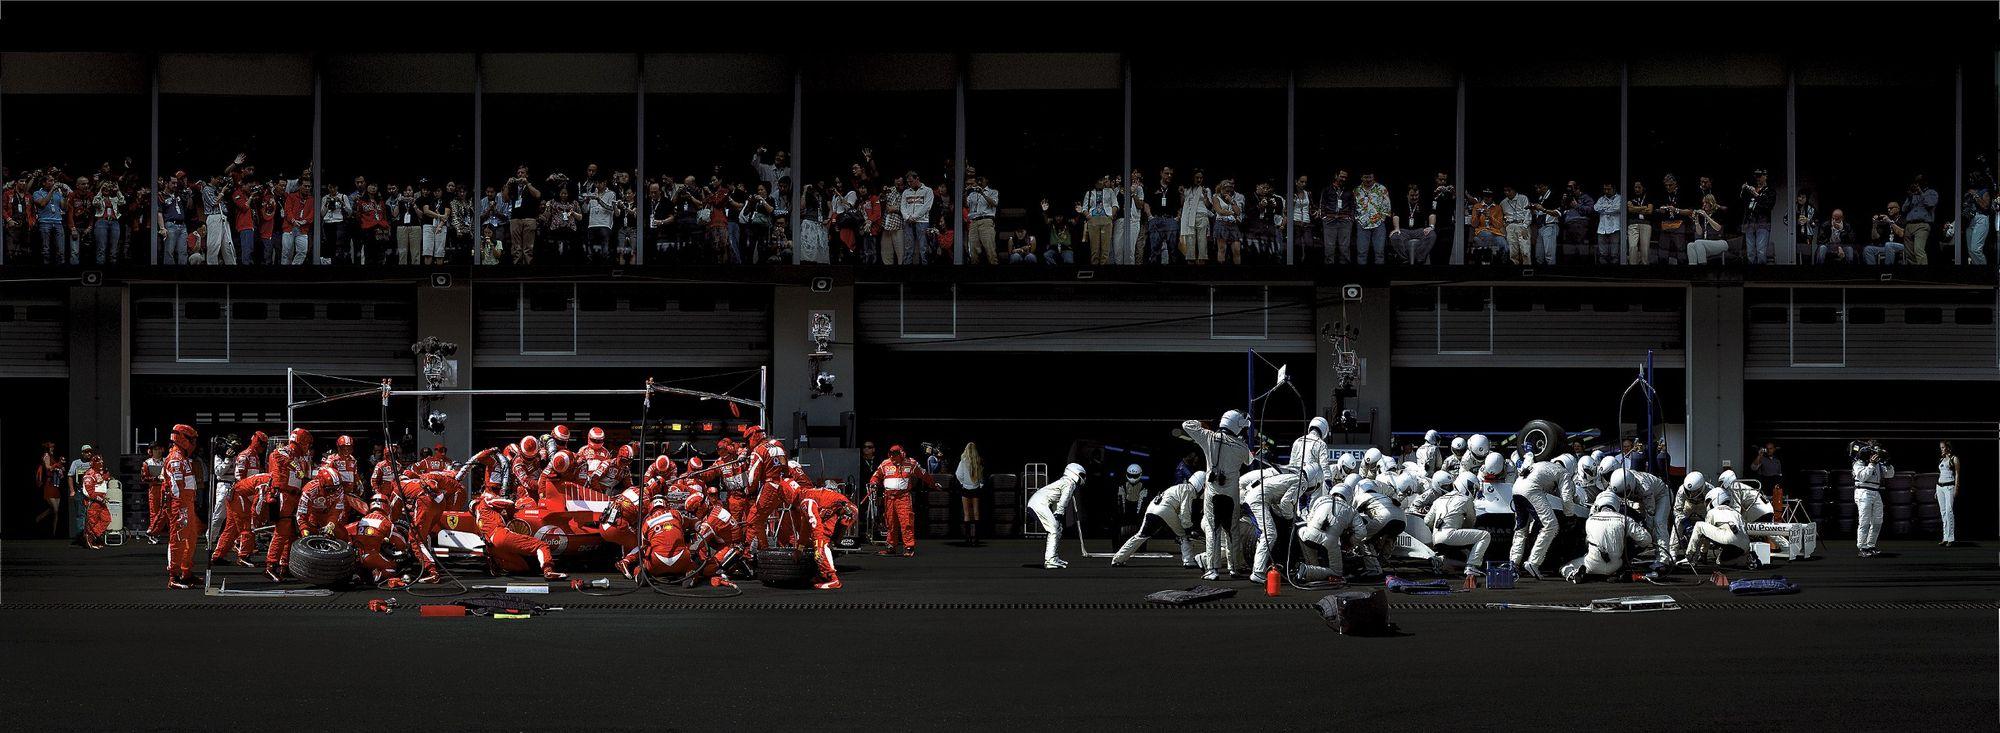 Formule 1 dans les starting blocks